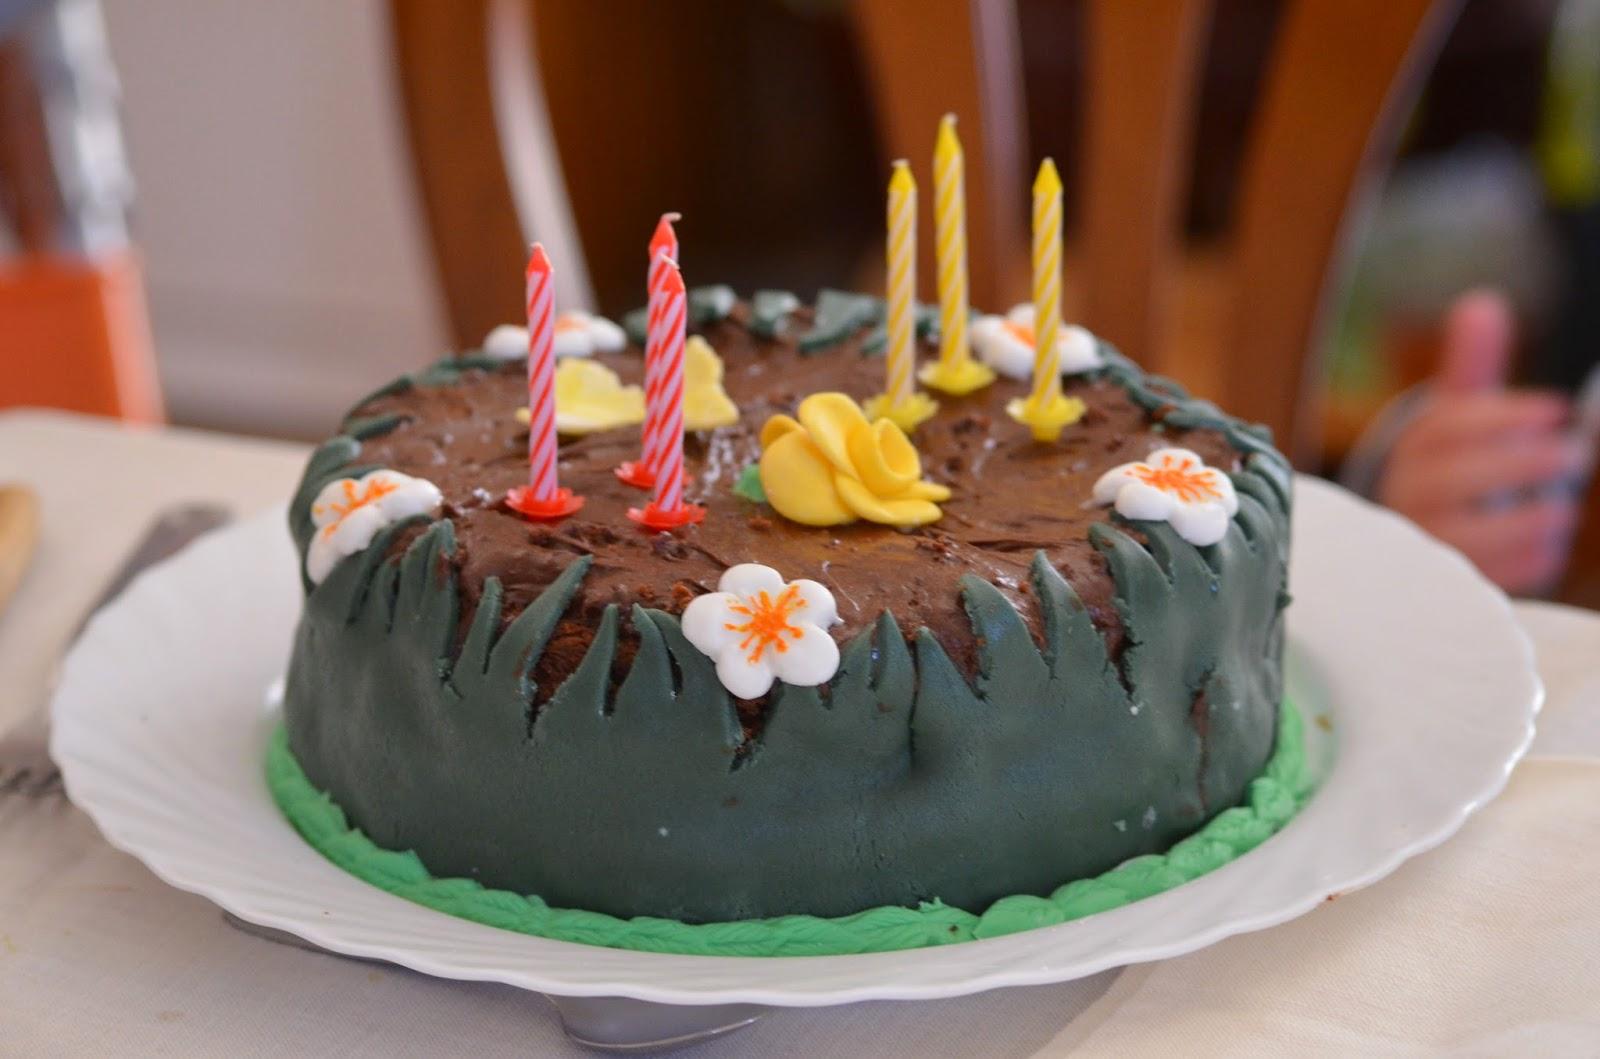 Gâteau thème printemps, recouvert et fouré à la mousse au chocolat, sans lactose, décors herbe et fleurs en pâte à sucre. http://mescreationsrecreations.blogspot.fr/